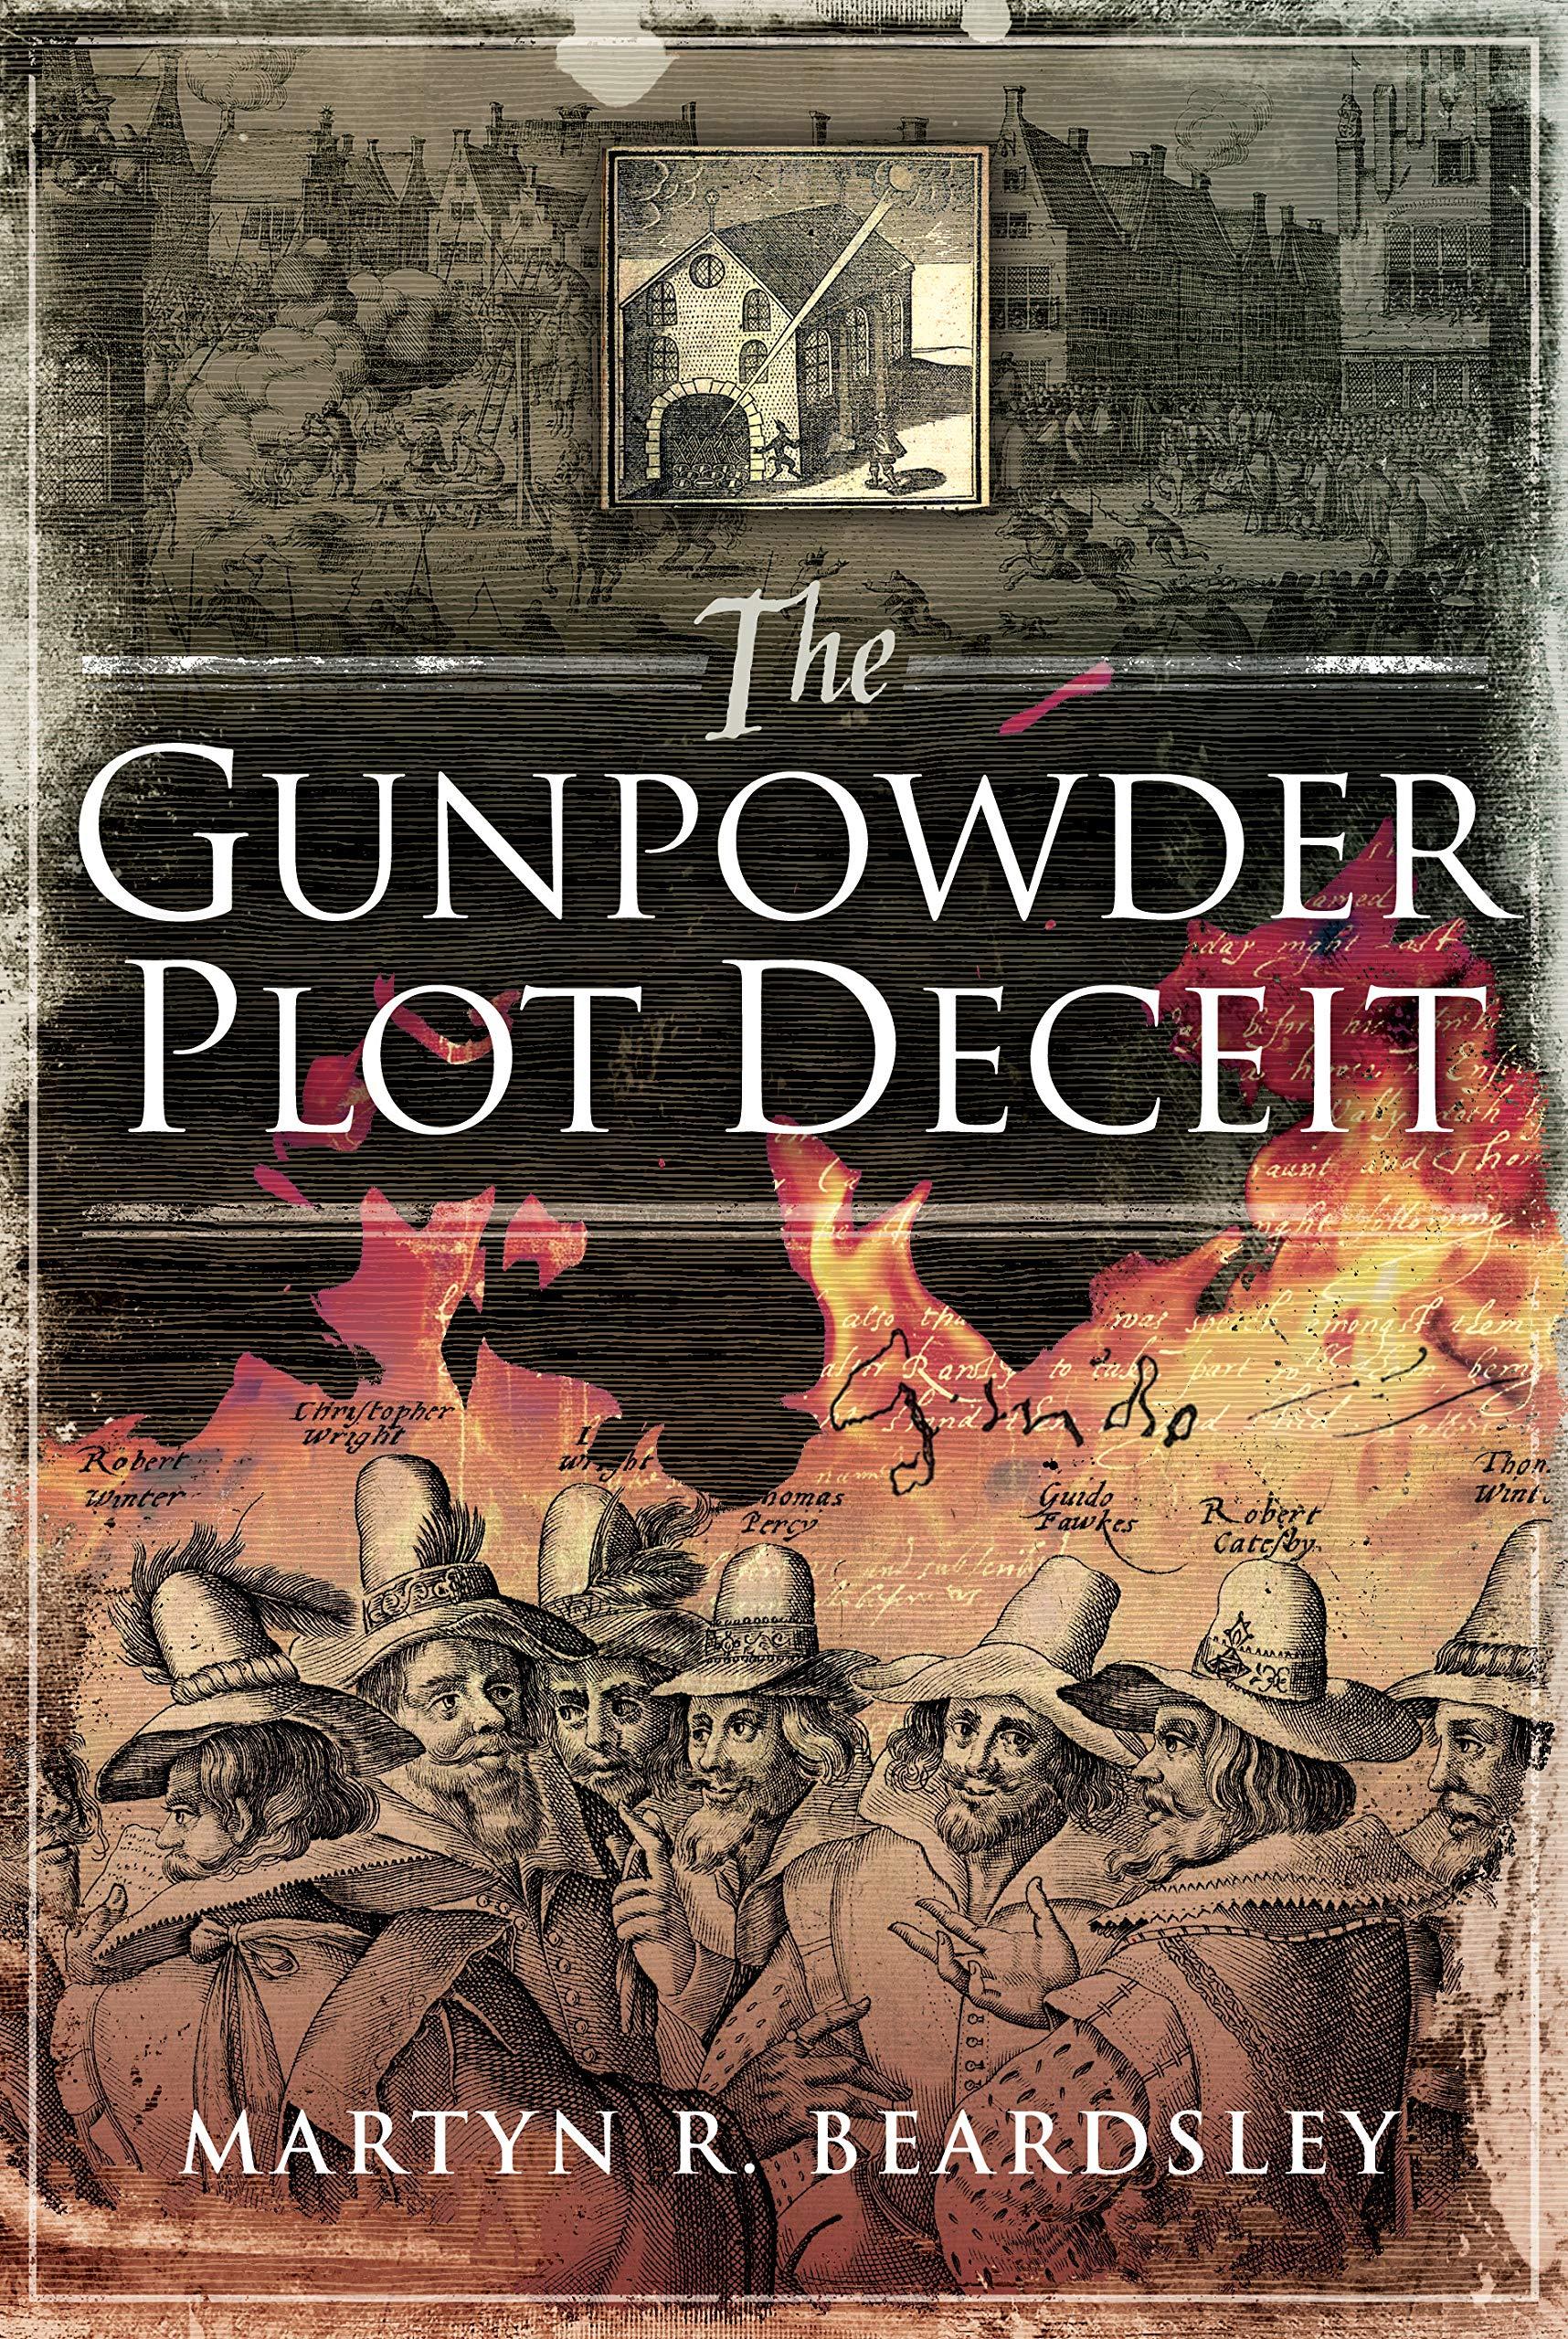 The Gunpowder Plot Deceit: Amazon.es: Beardsley, Martyn: Libros en idiomas extranjeros